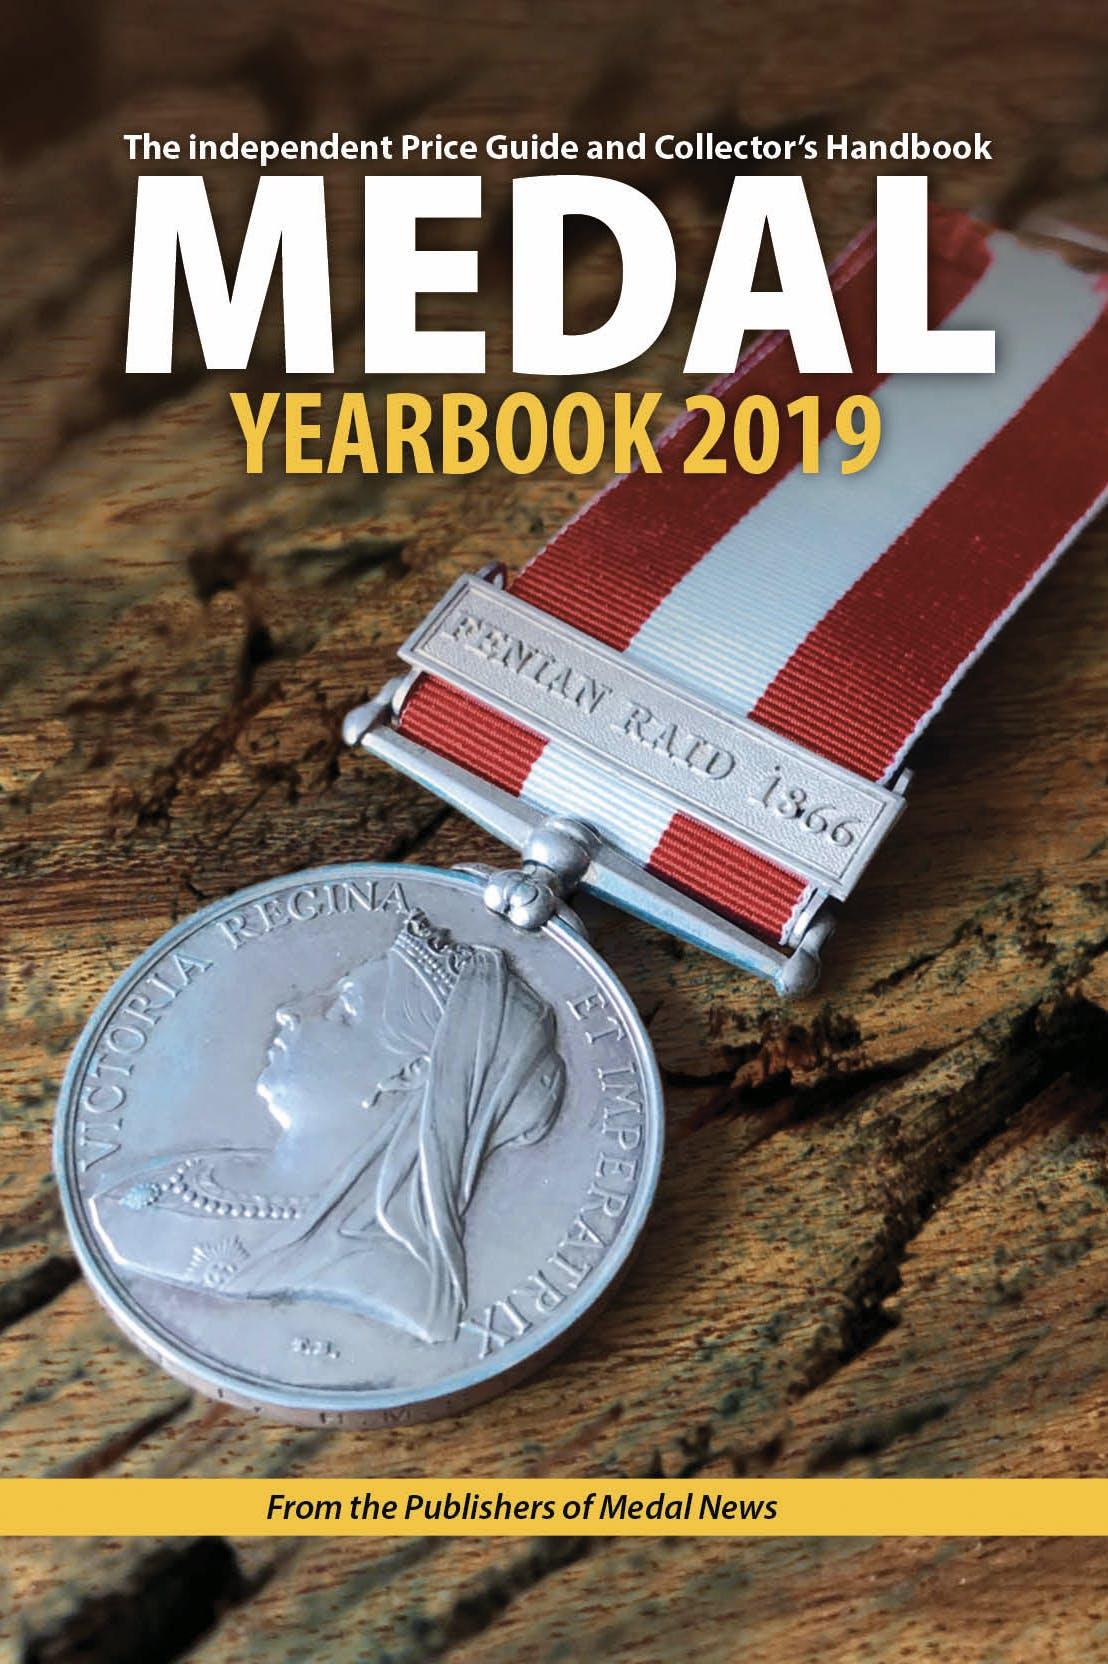 Medal Yearbook 2019 Deluxe EBook - Token Publishing Shop